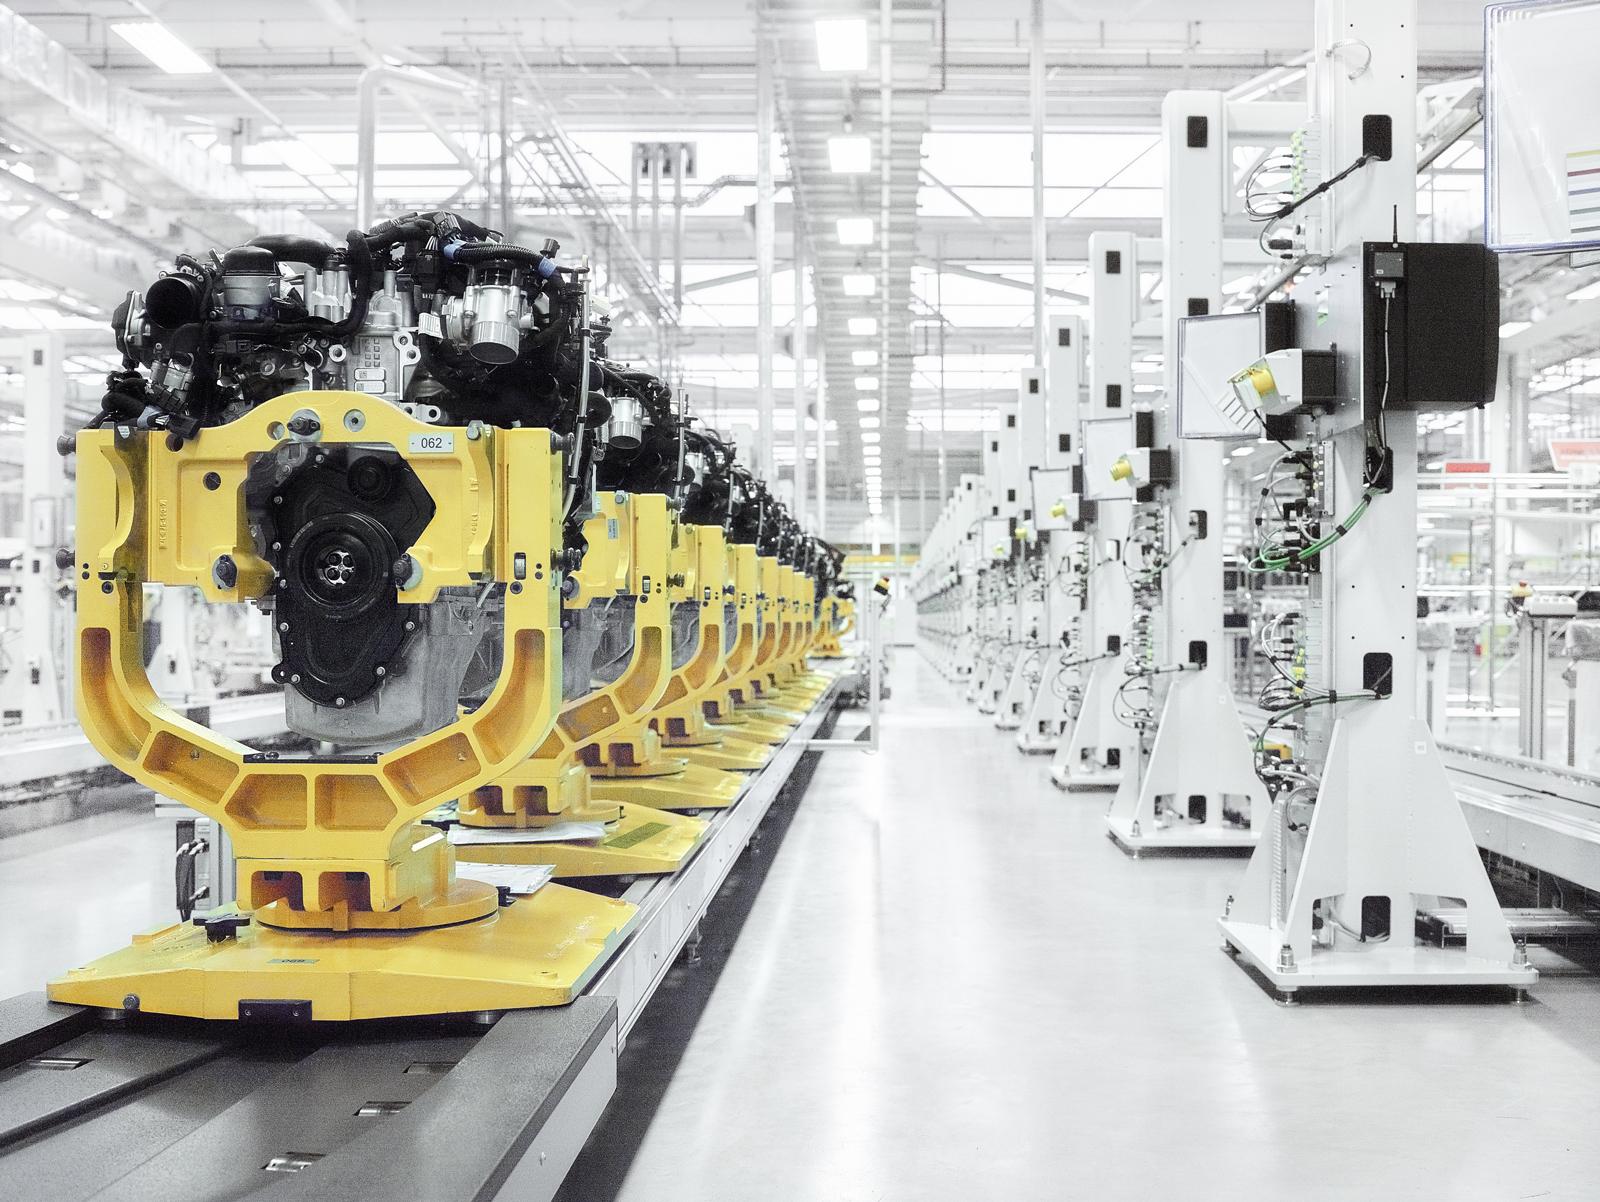 Κλέφτες άρπαξαν κινητήρες της jaguar land rover αξίας 4 εκατομμυρίων